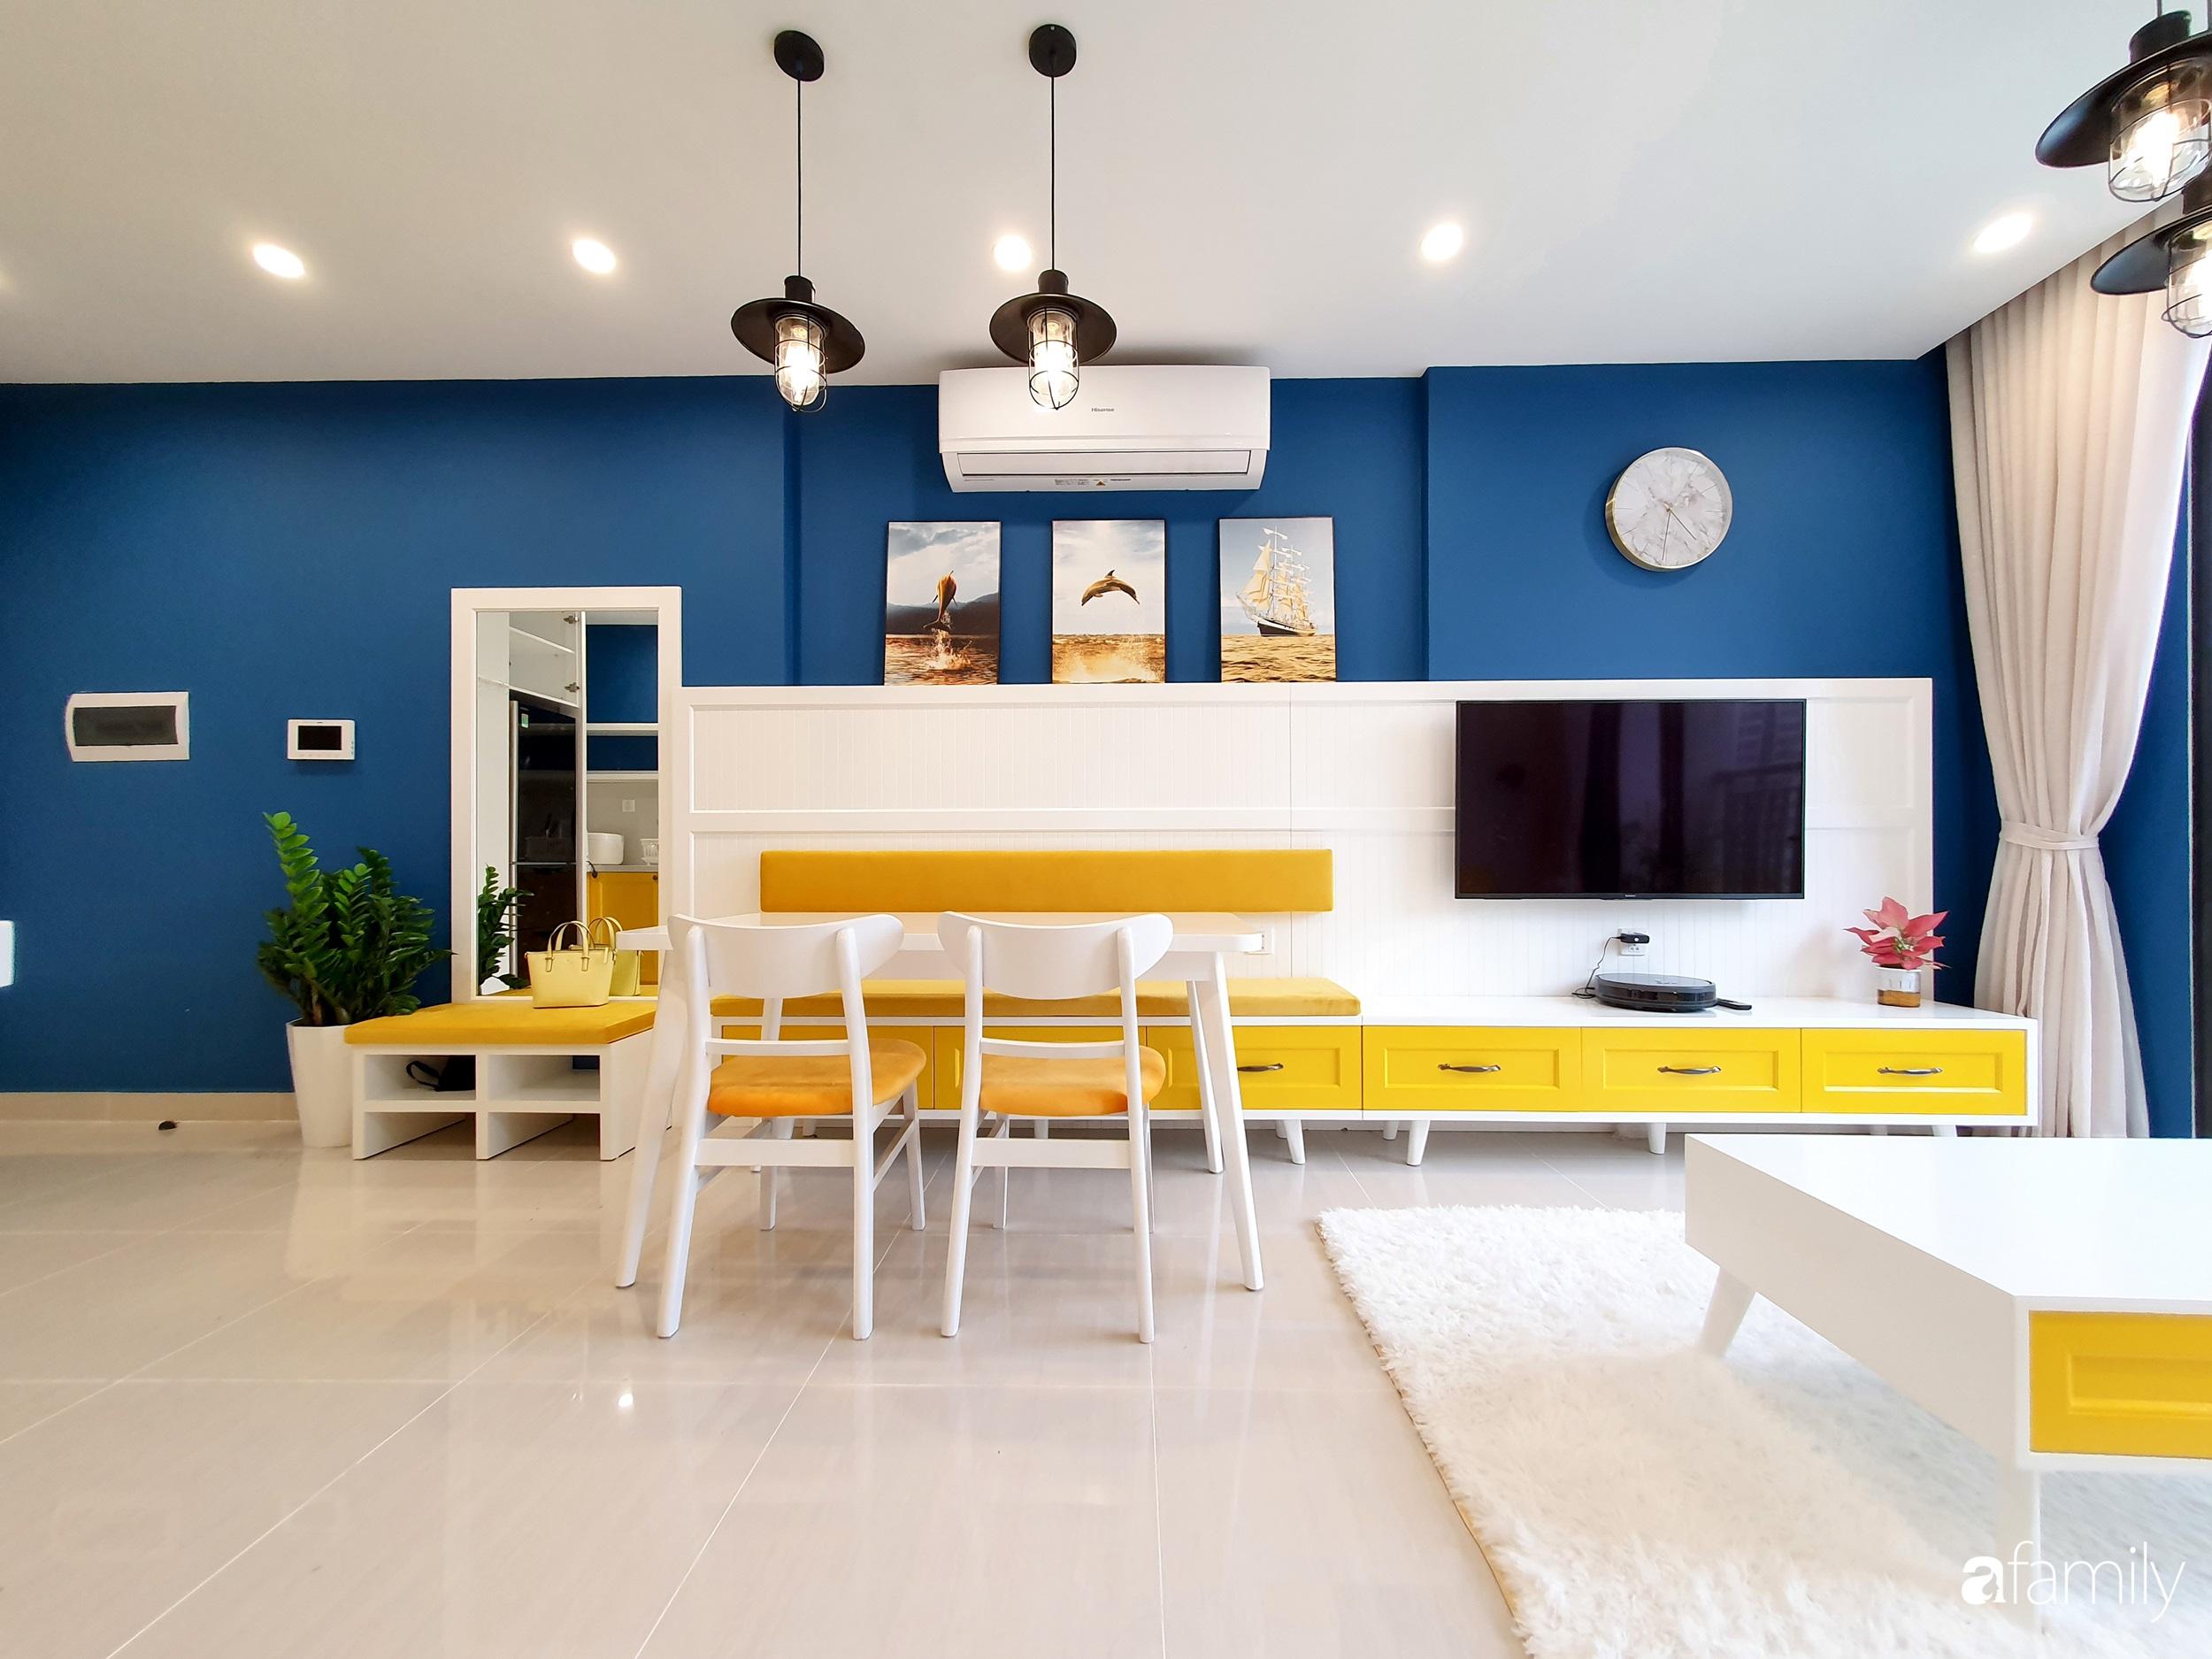 Căn hộ 75m² cá tính với cách phối màu vàng - xanh tinh tế có chi phí hoàn thiện 270 triệu đồng ở Hà Nội - Ảnh 2.